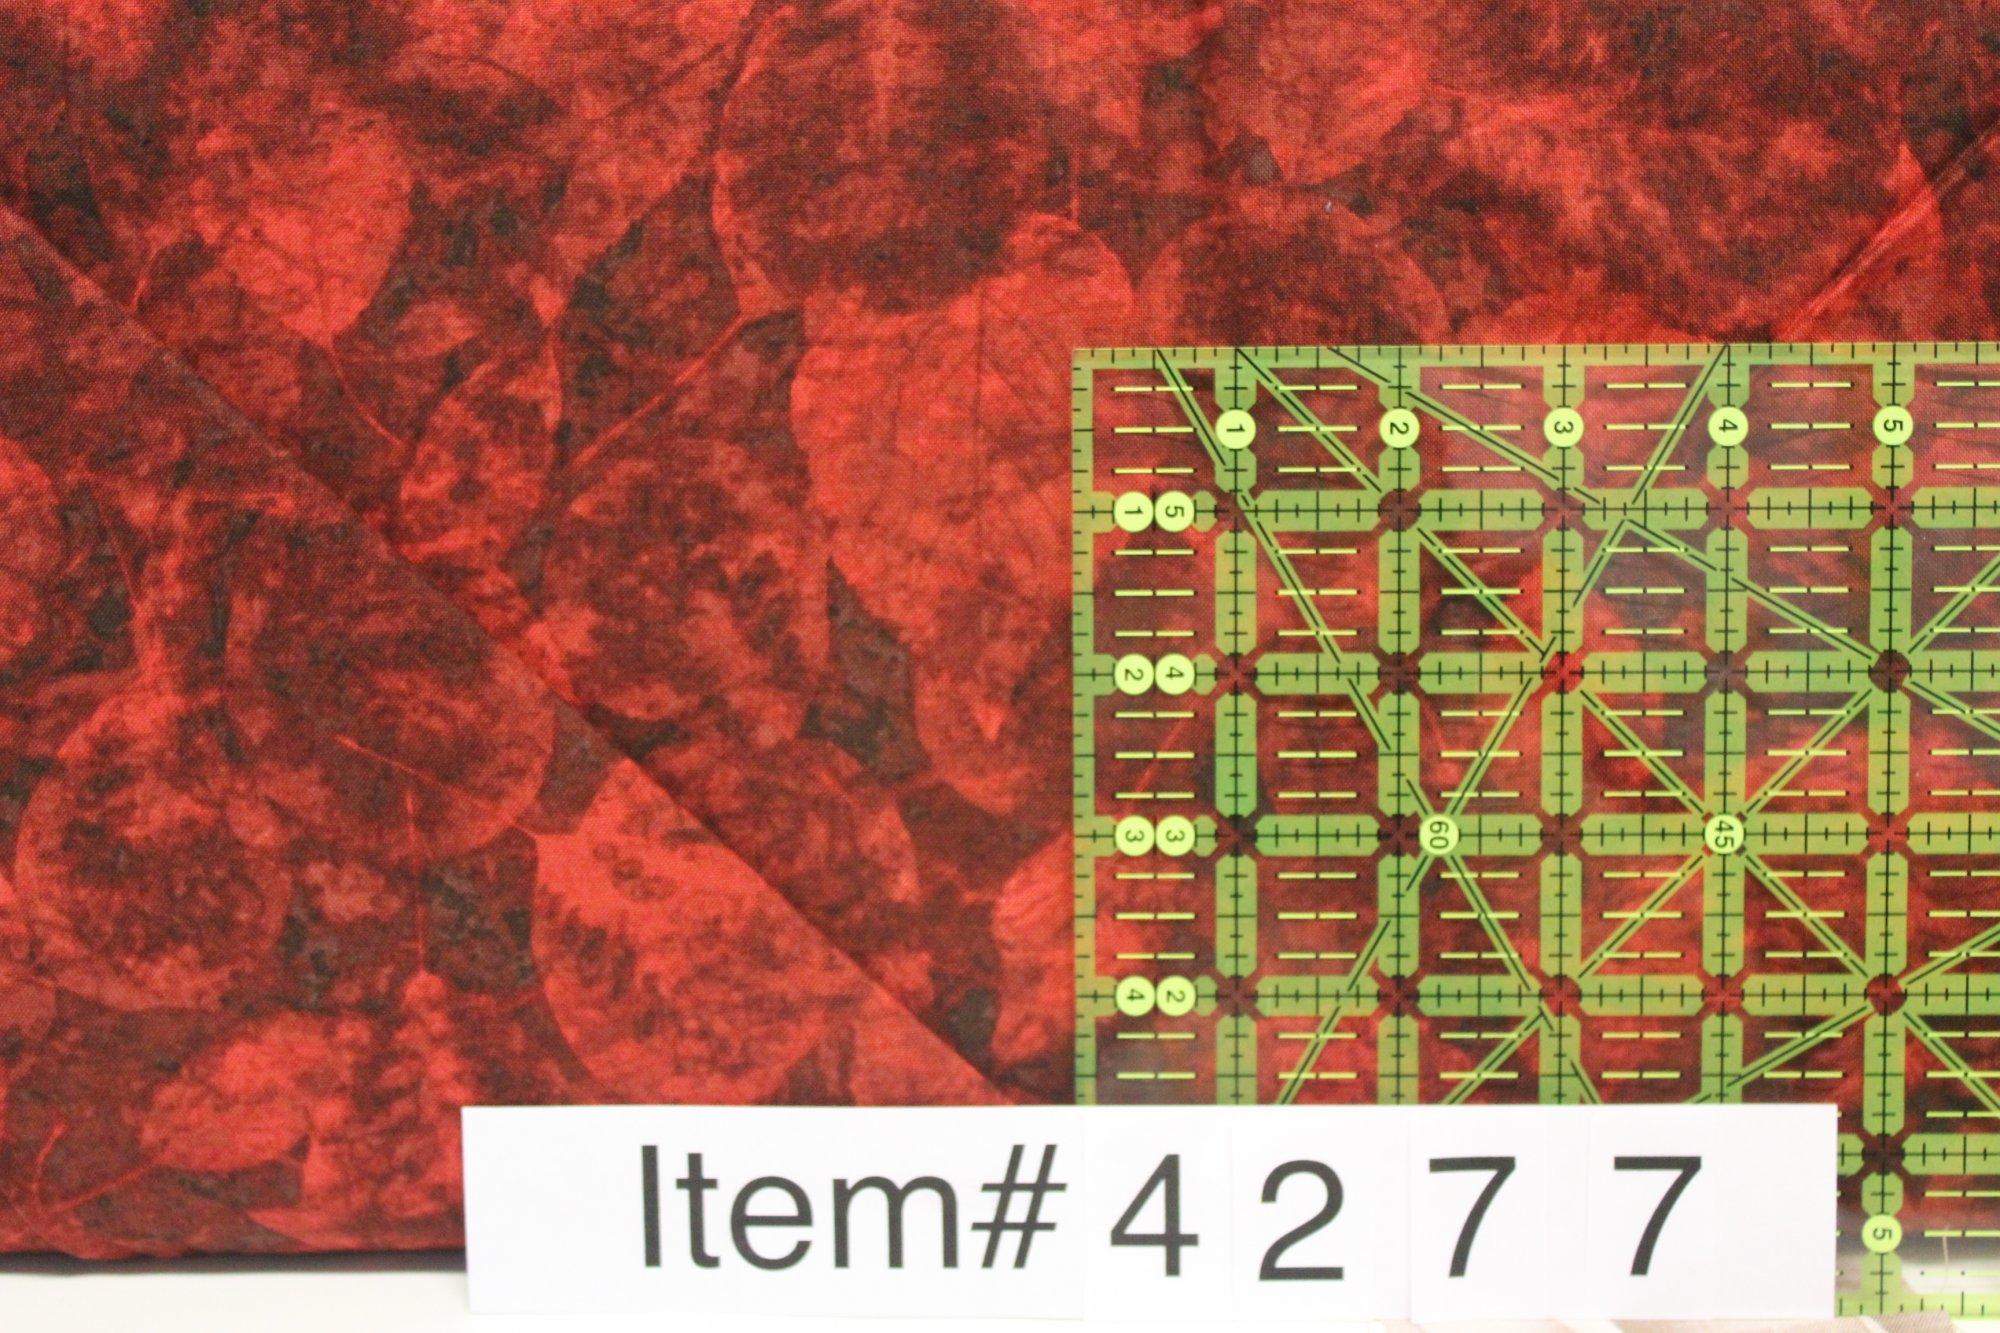 Item#4277 - Earthlight - Blank - Bolt 4277